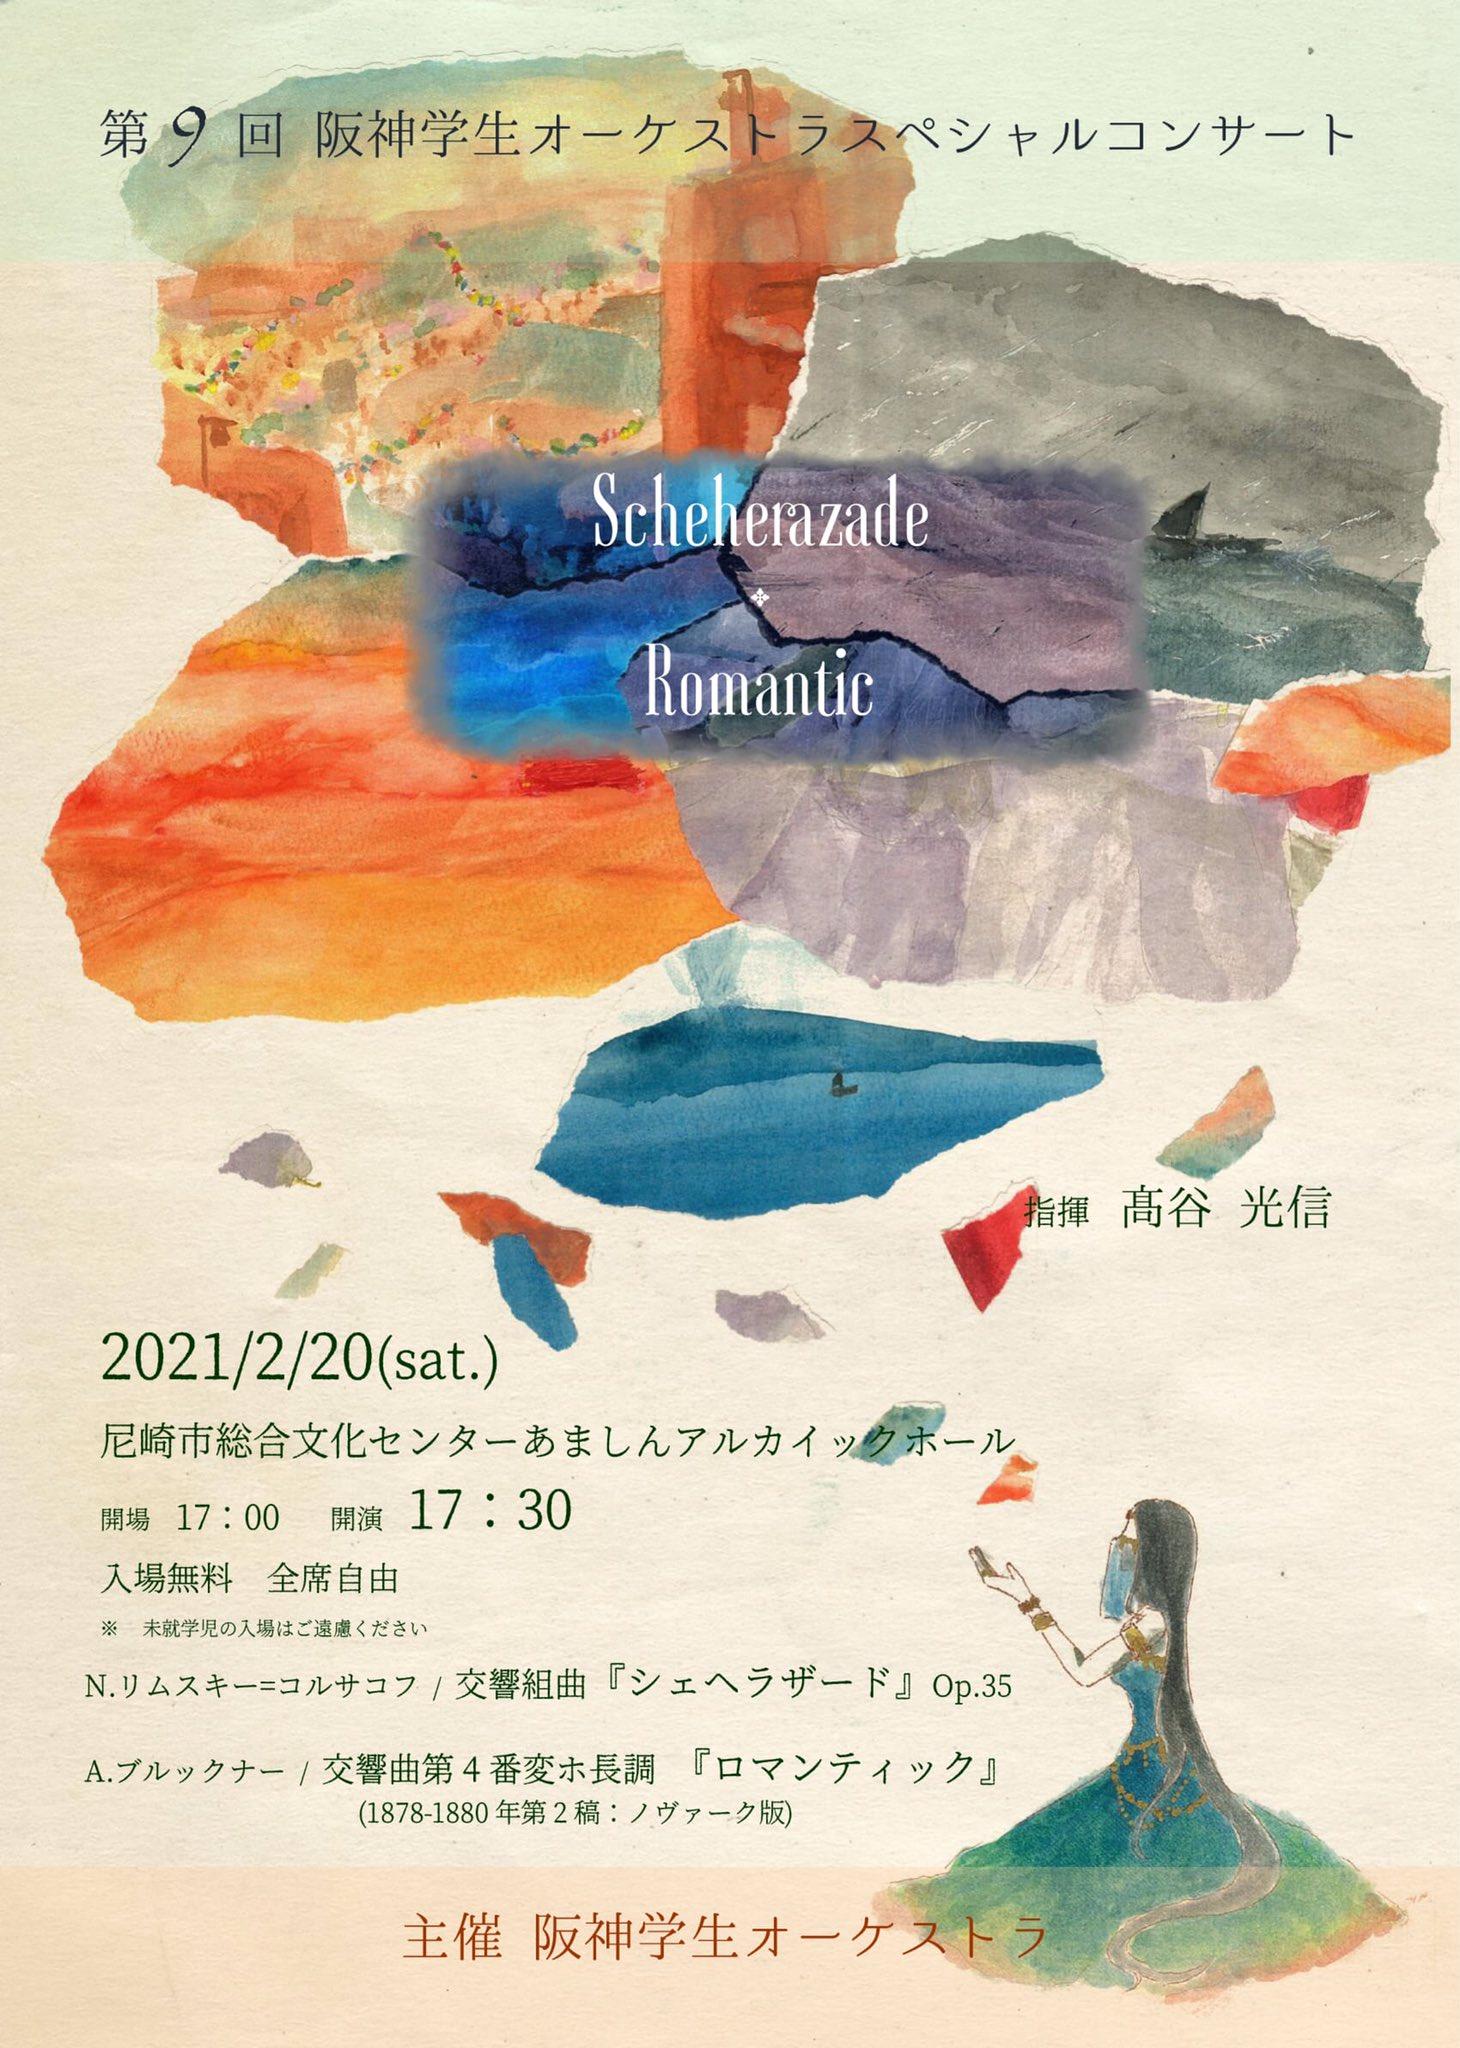 阪神学生オーケストラ〜第9回スペシャルコンサート〜